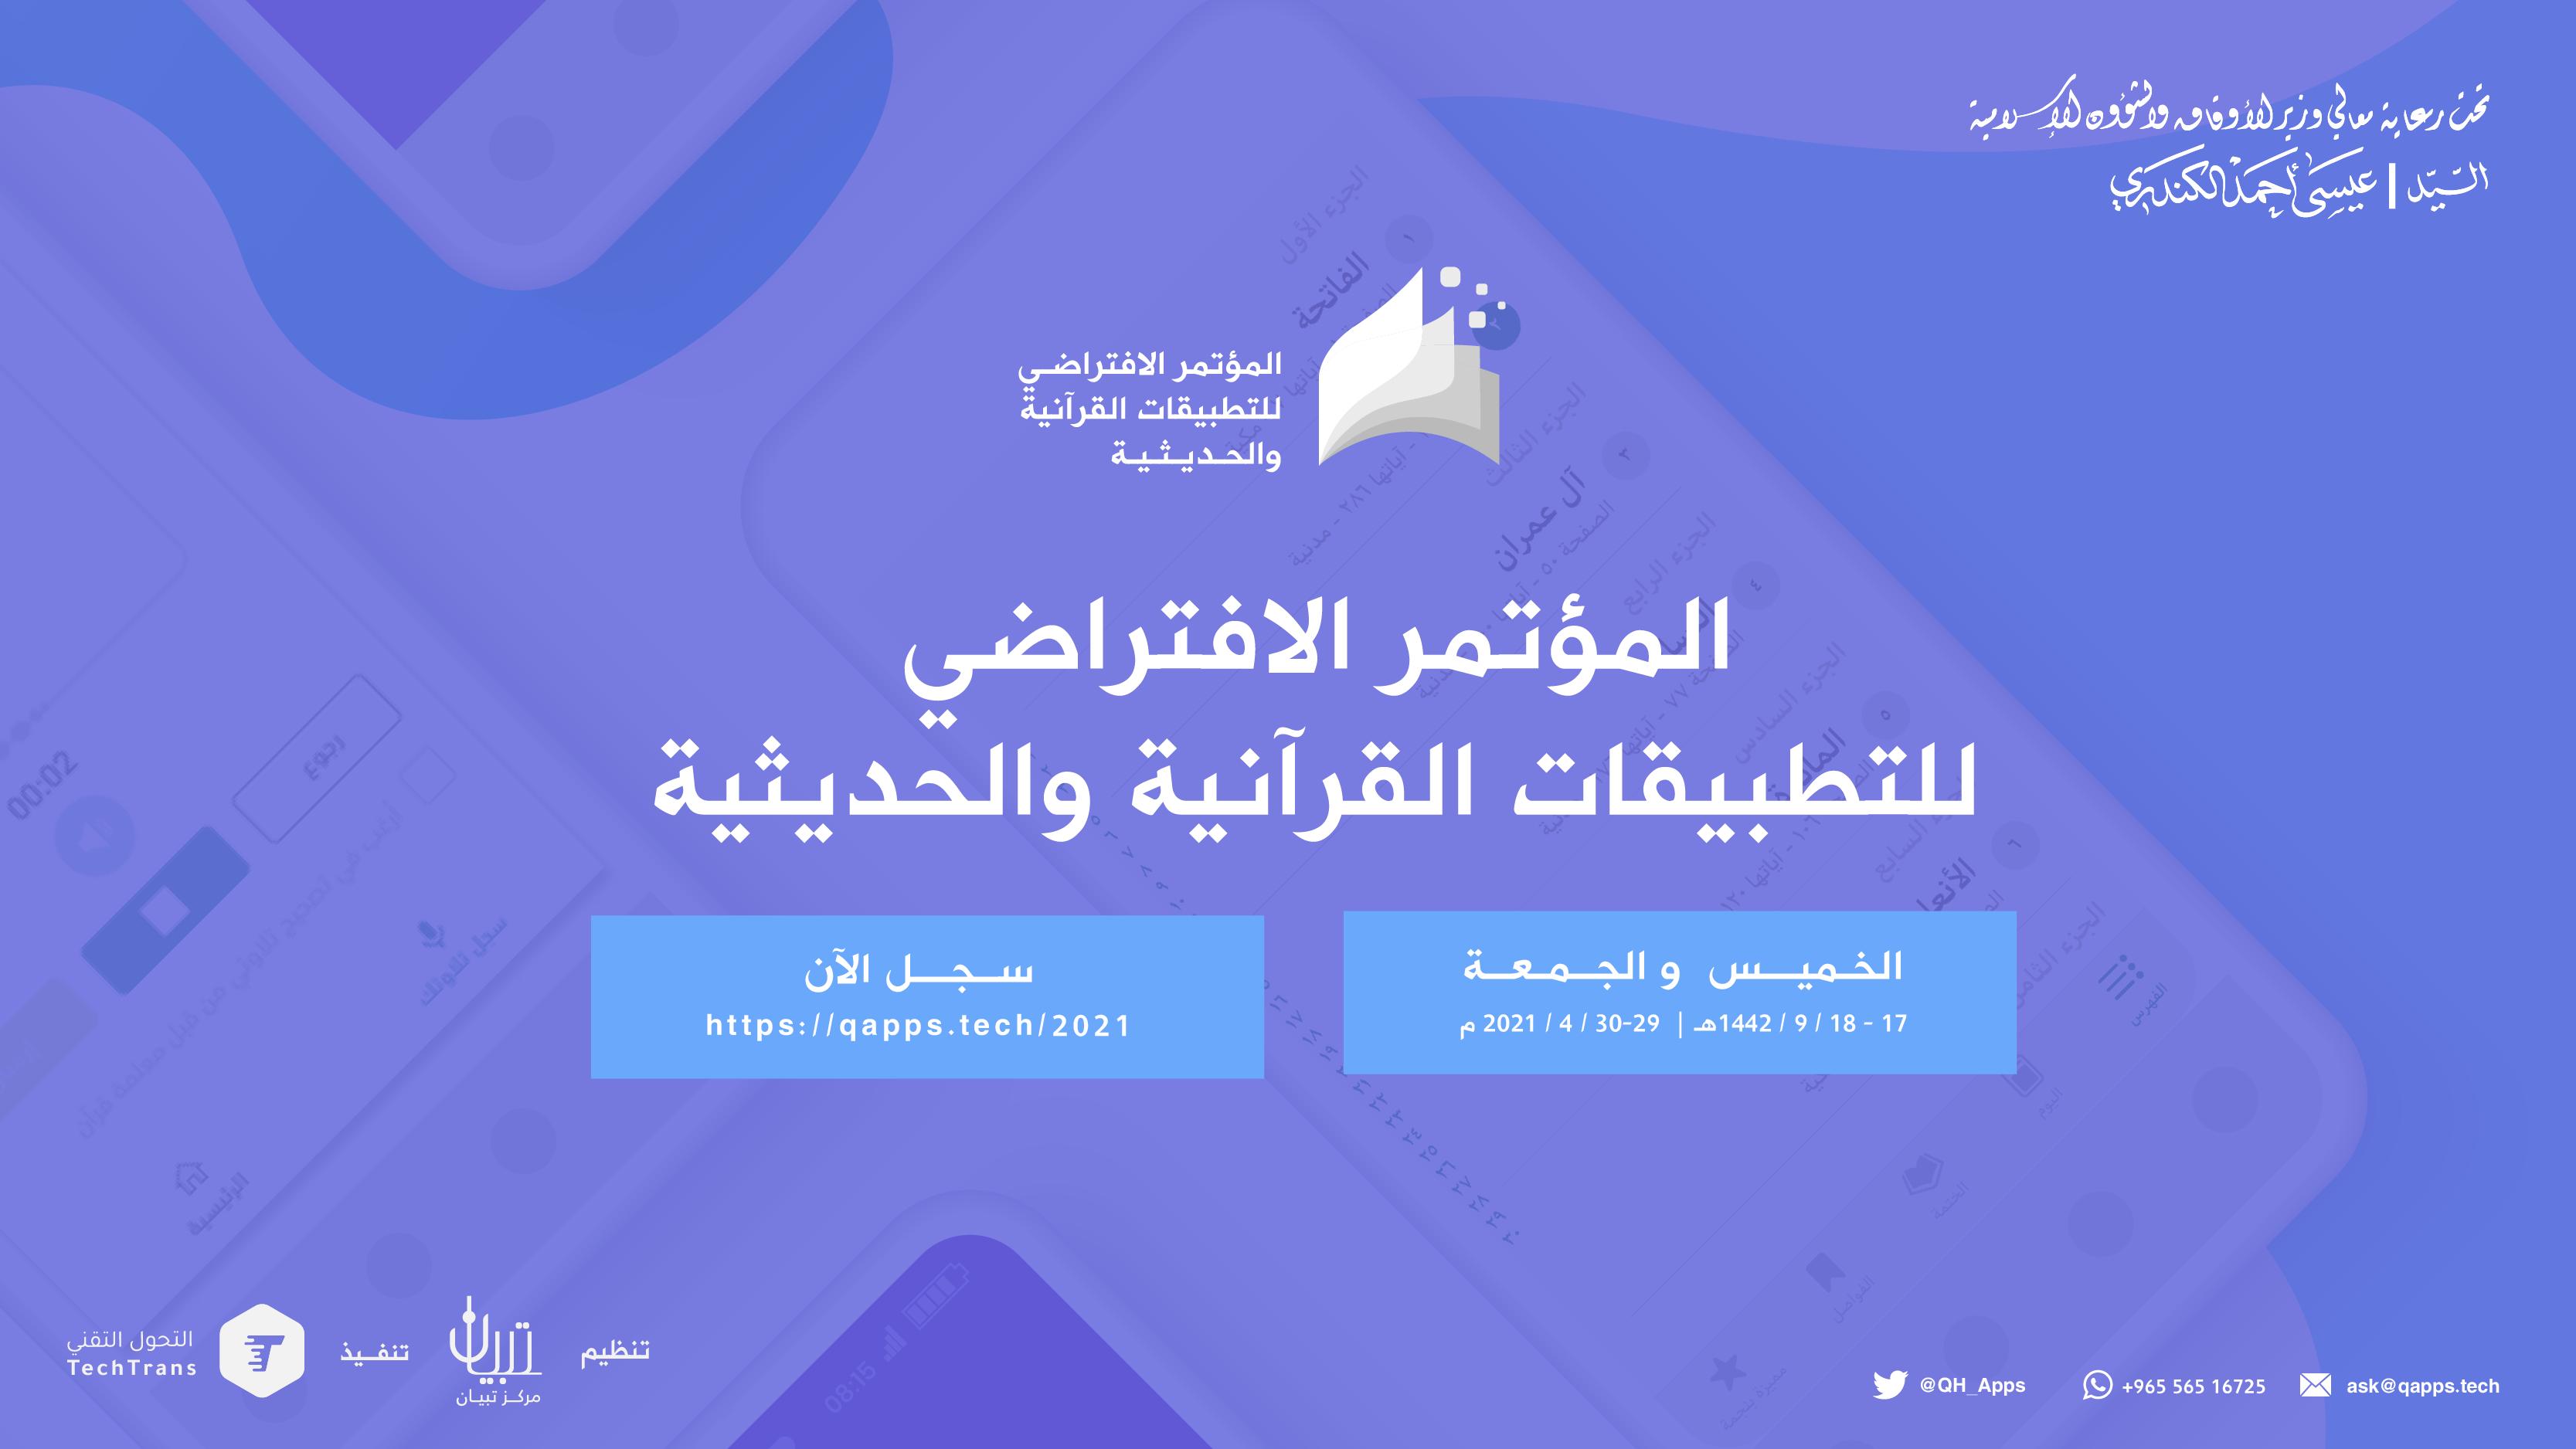 التحول التقني تستعد لإقامة المؤتمر الافتراضي للتطبيقات القرآنية والحديثية